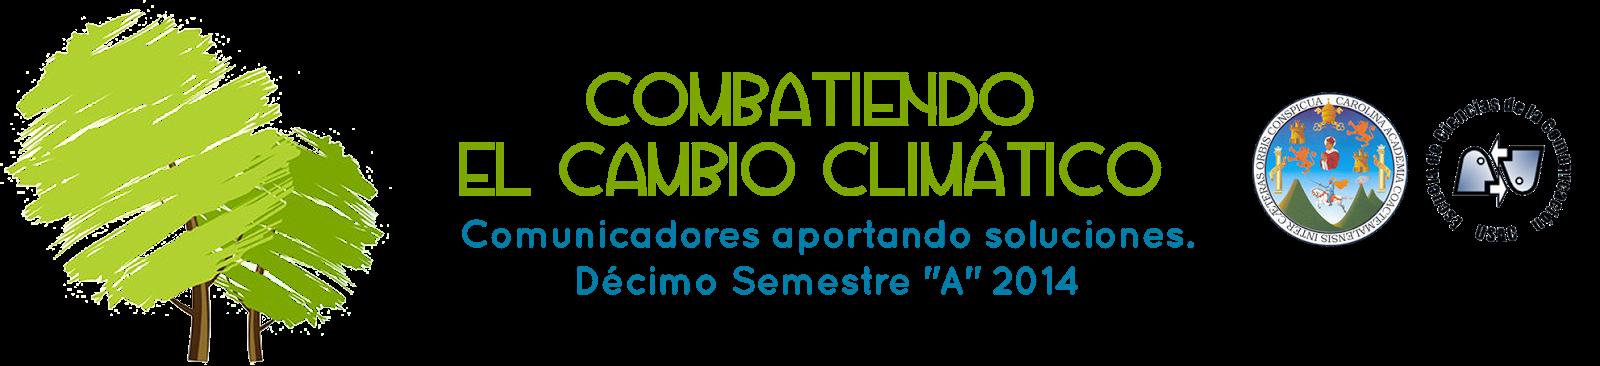 COMBATIENDO EL CAMBIO CLIMÁTICO